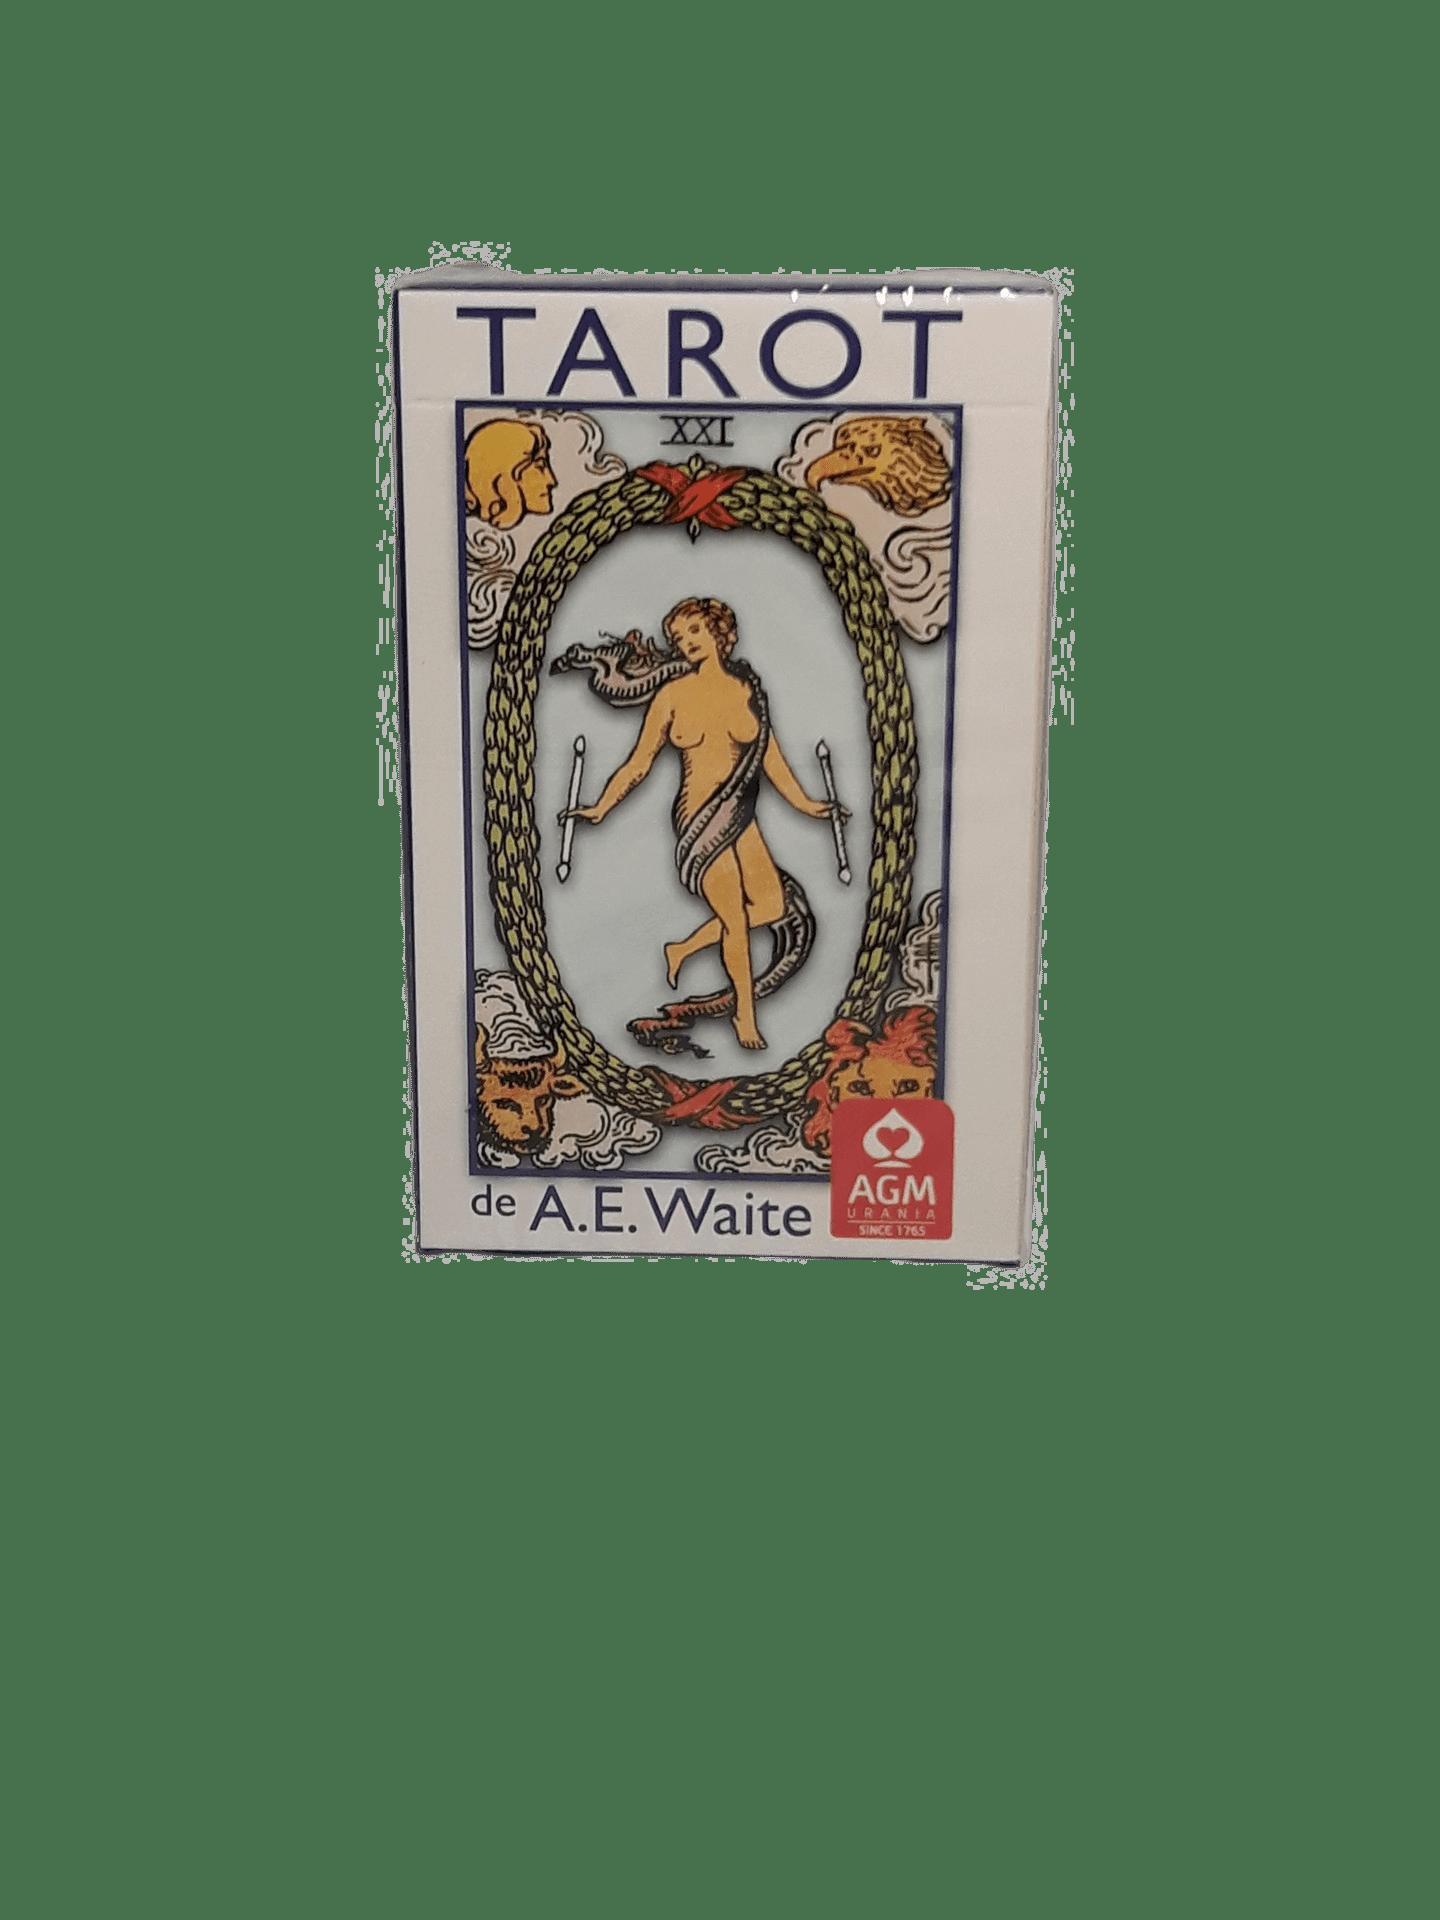 TAROT A.E WAITE POKET EN ESPAÑOL